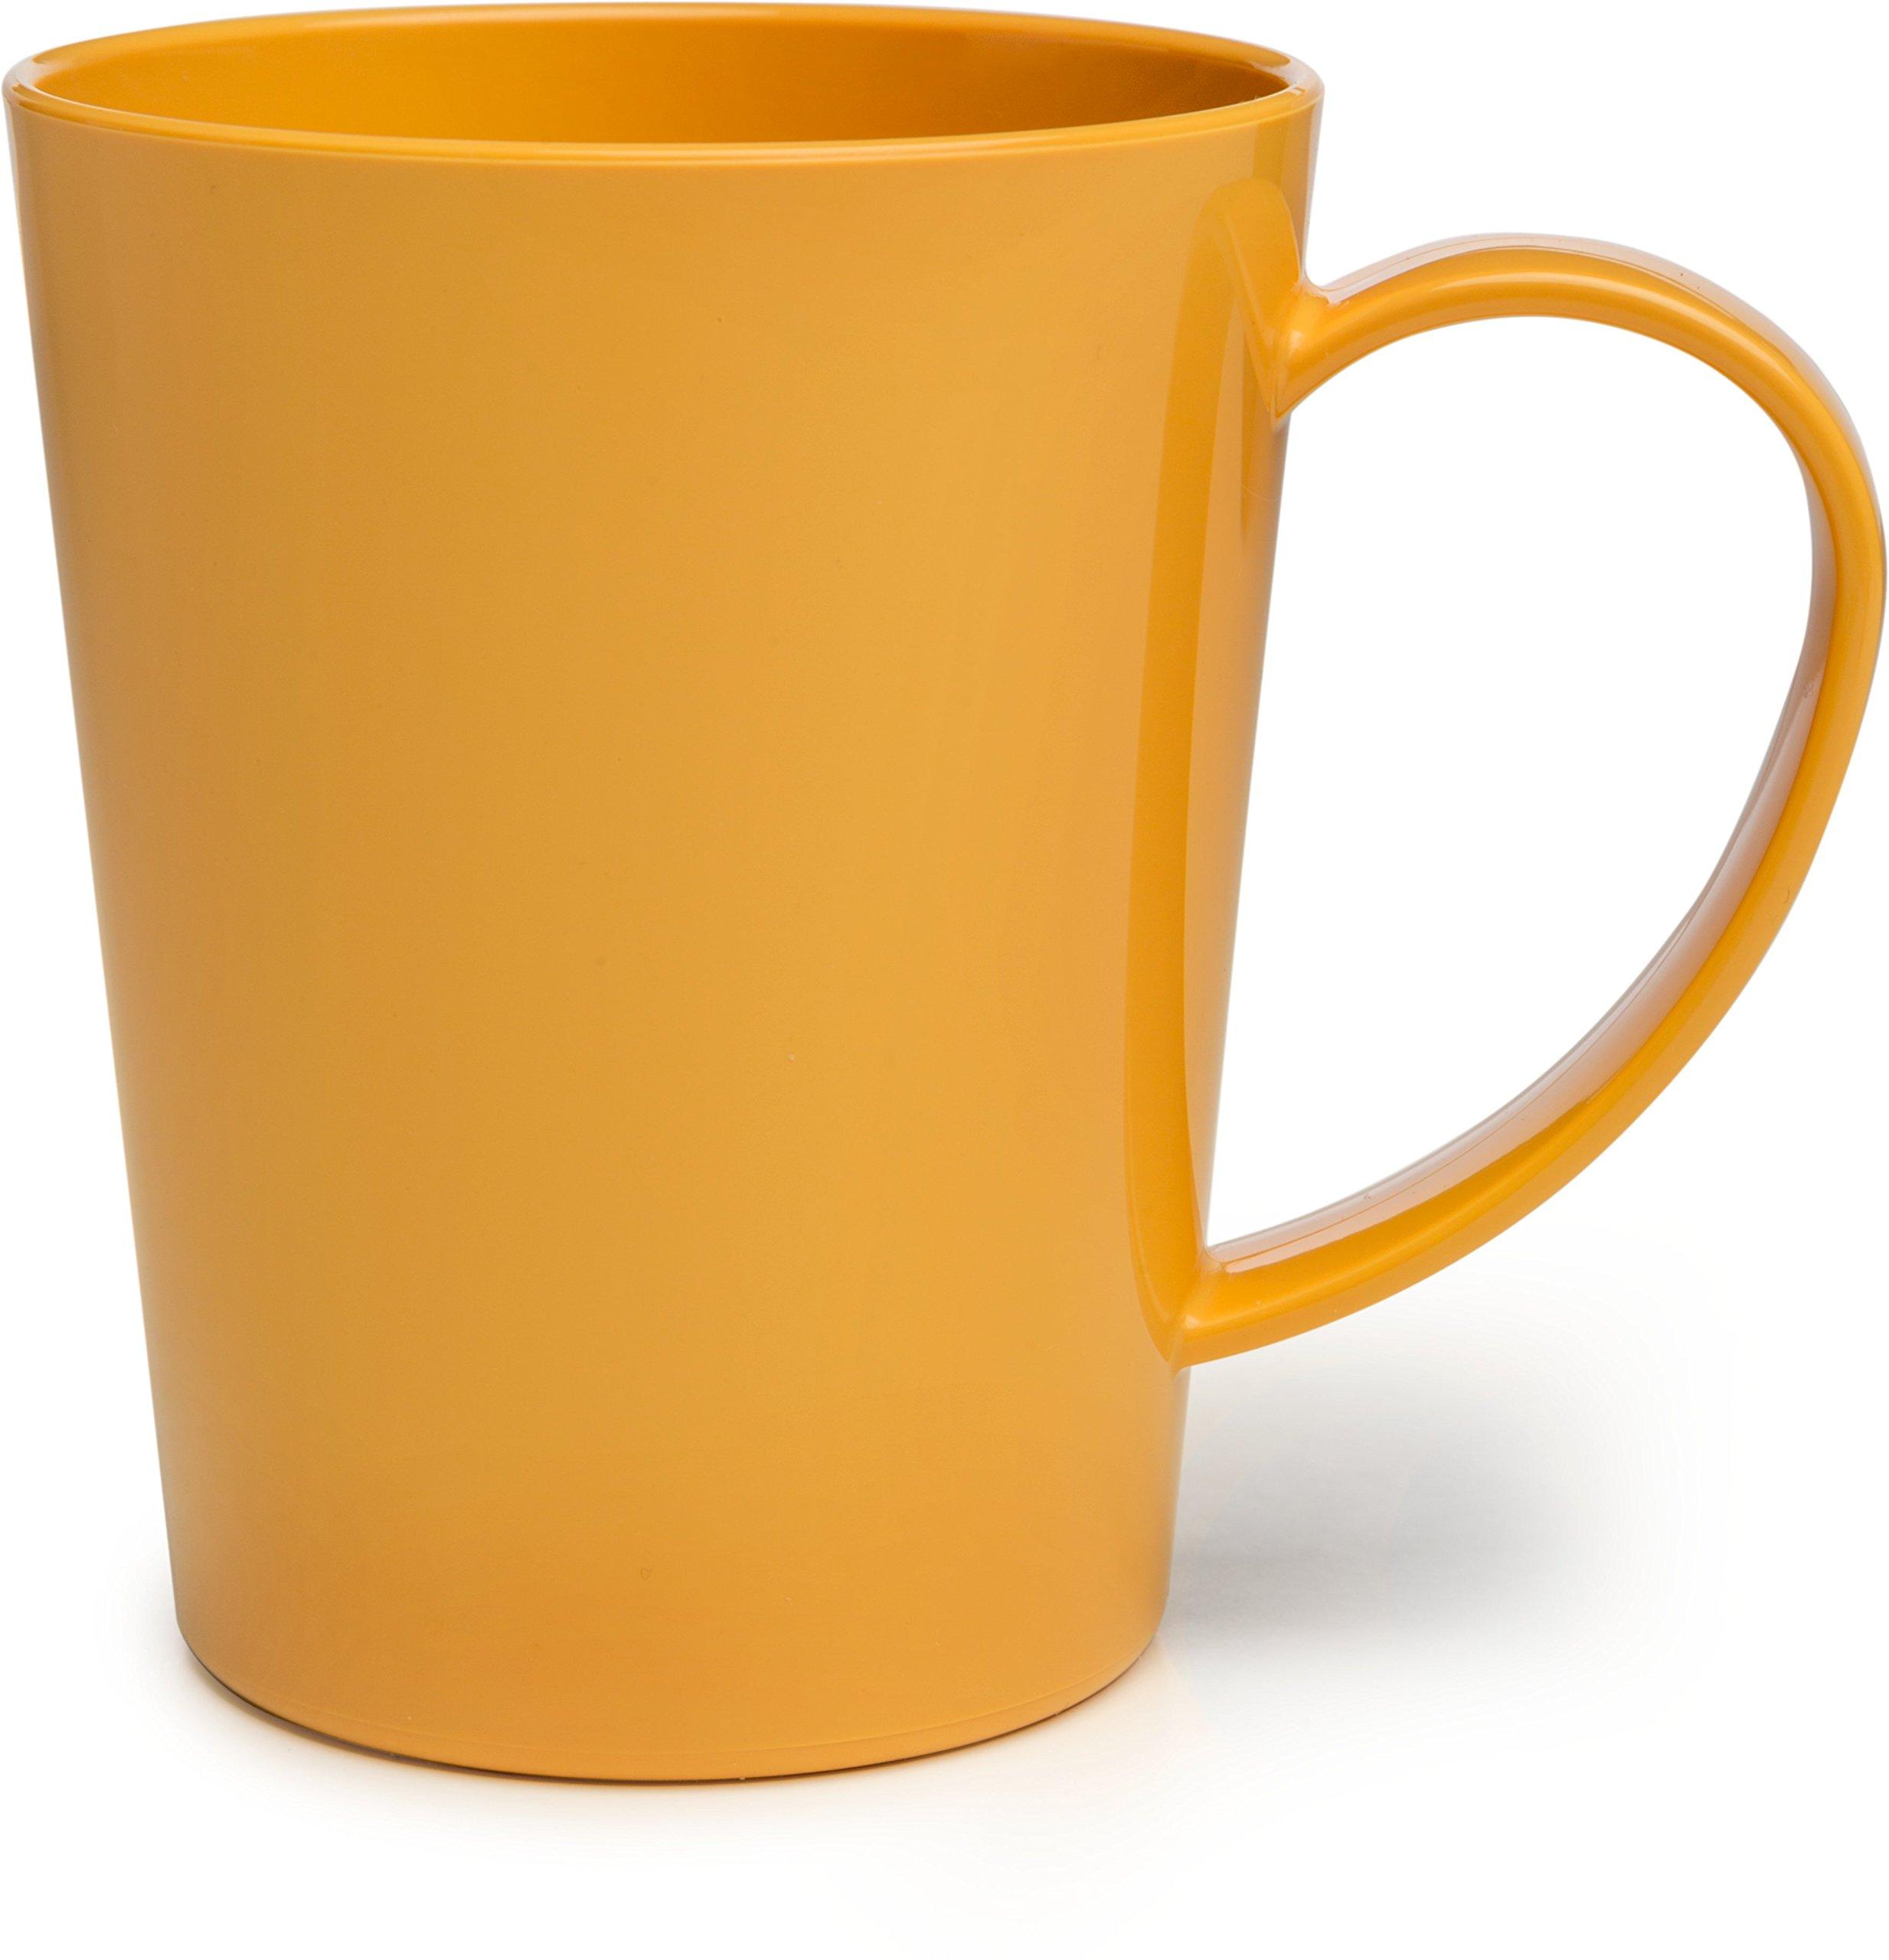 Carlisle 4306822 Break-Resistant Tritan Coffee Mug, BPA Free Plastic, 12 oz, Honey Yellow (Pack of 12)